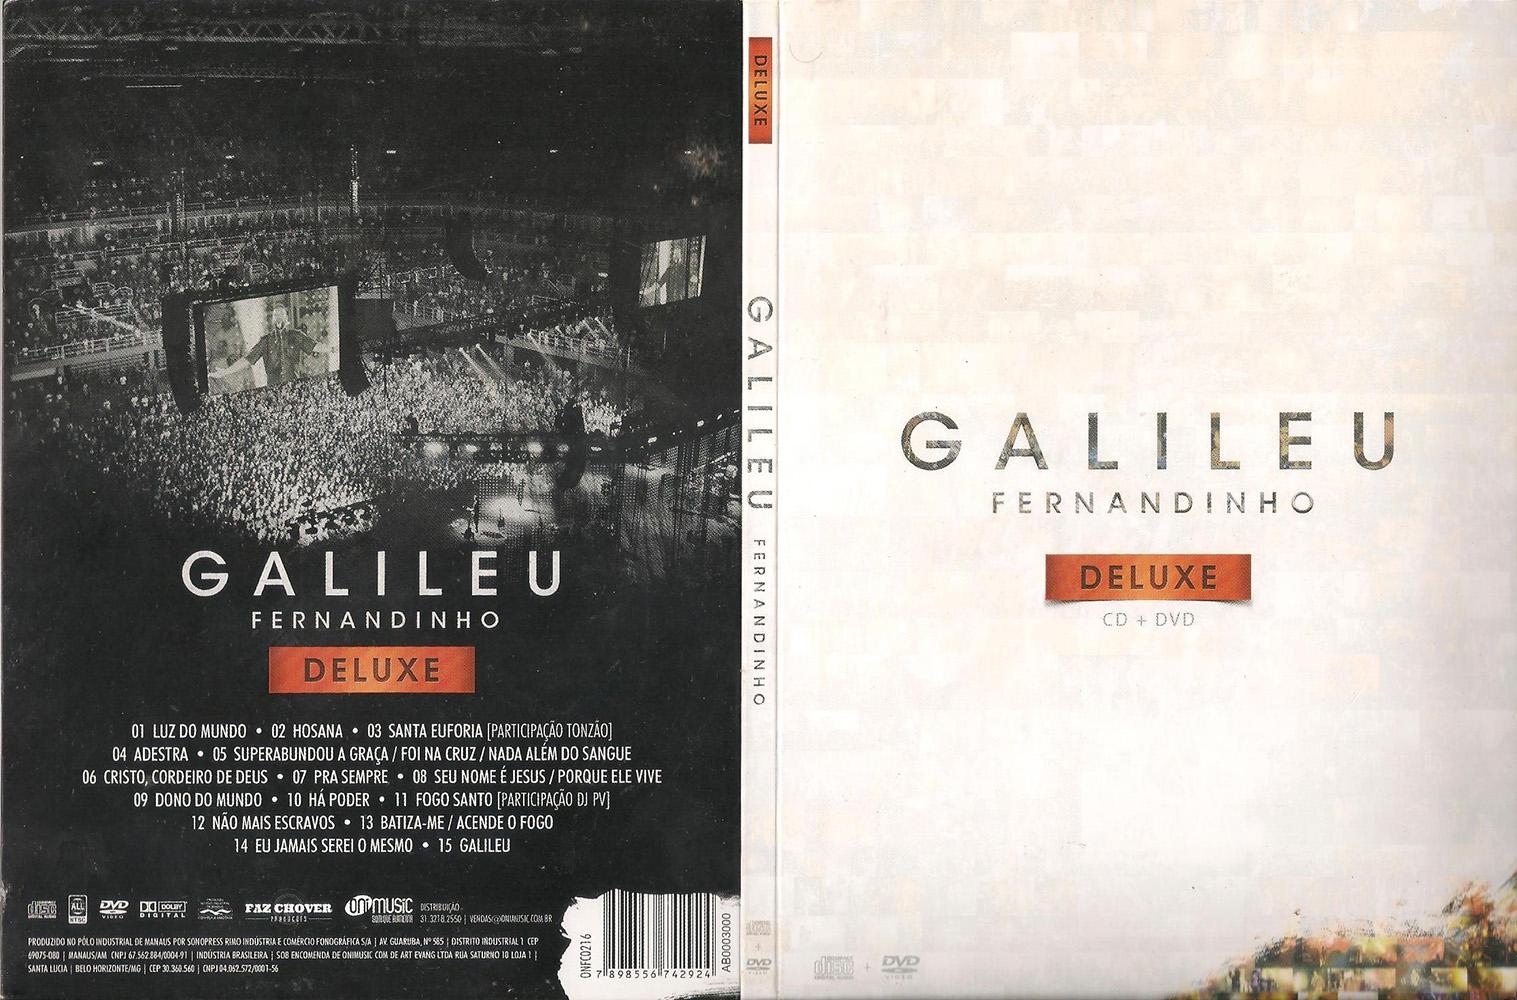 DVD: Fernandinho - Galileu (Deluxe)